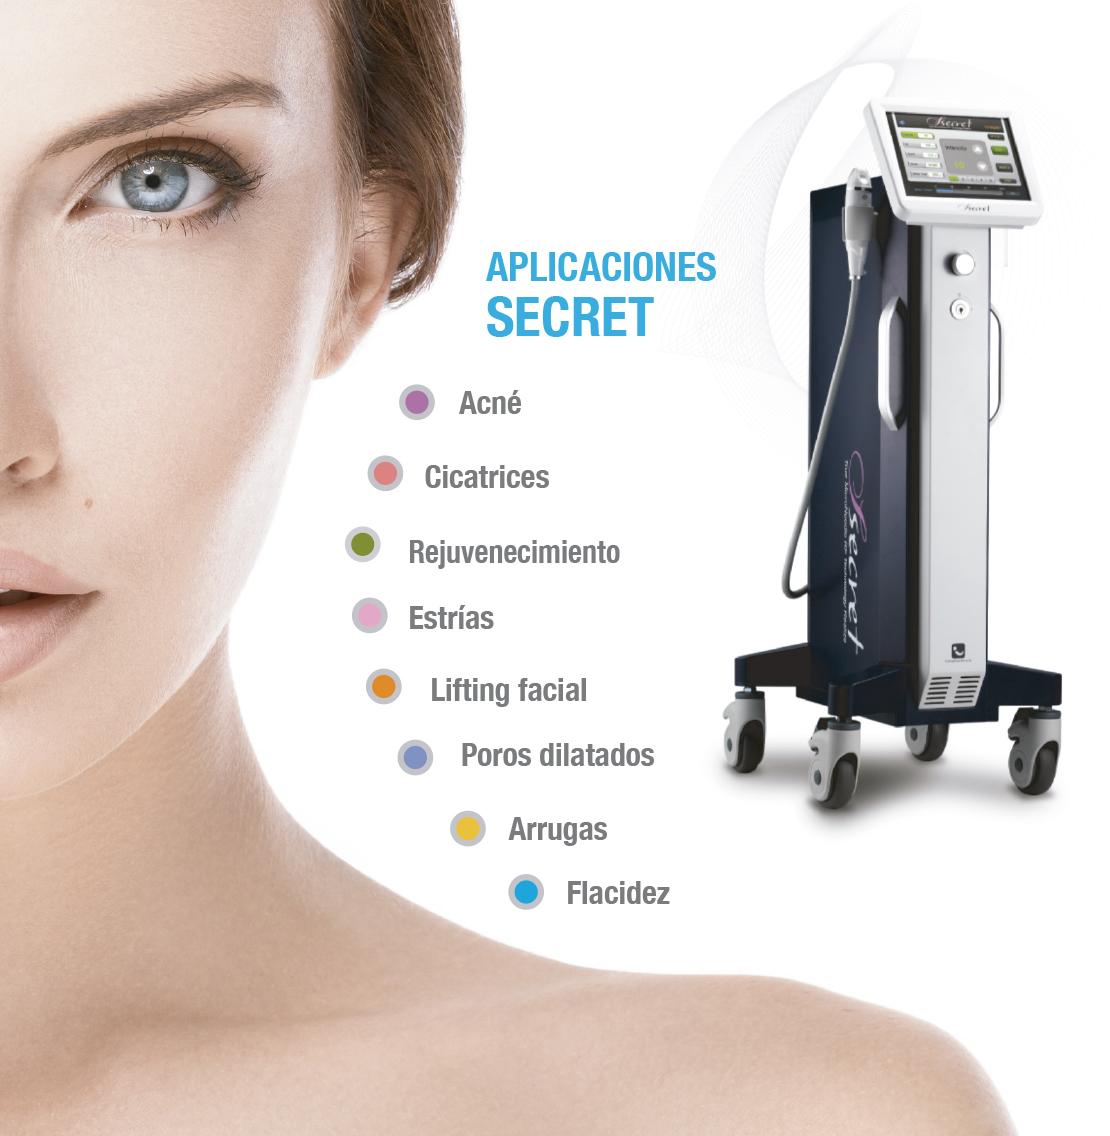 aplicaciones secret radiofrecuencia fraccionada microagujas punta de oro de belium medical FDA para acne, cicatrices, rejuvenecimiento, colágeno